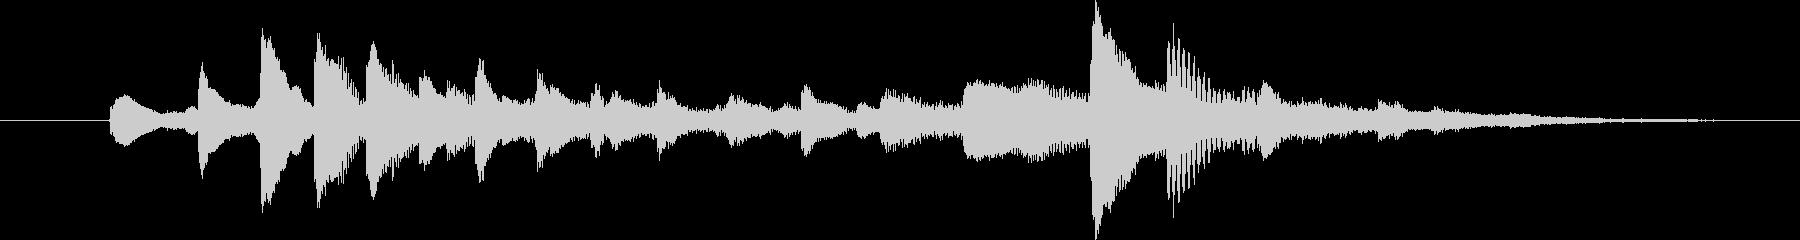 ピアノの音色で風の流れを表現したジングルの未再生の波形